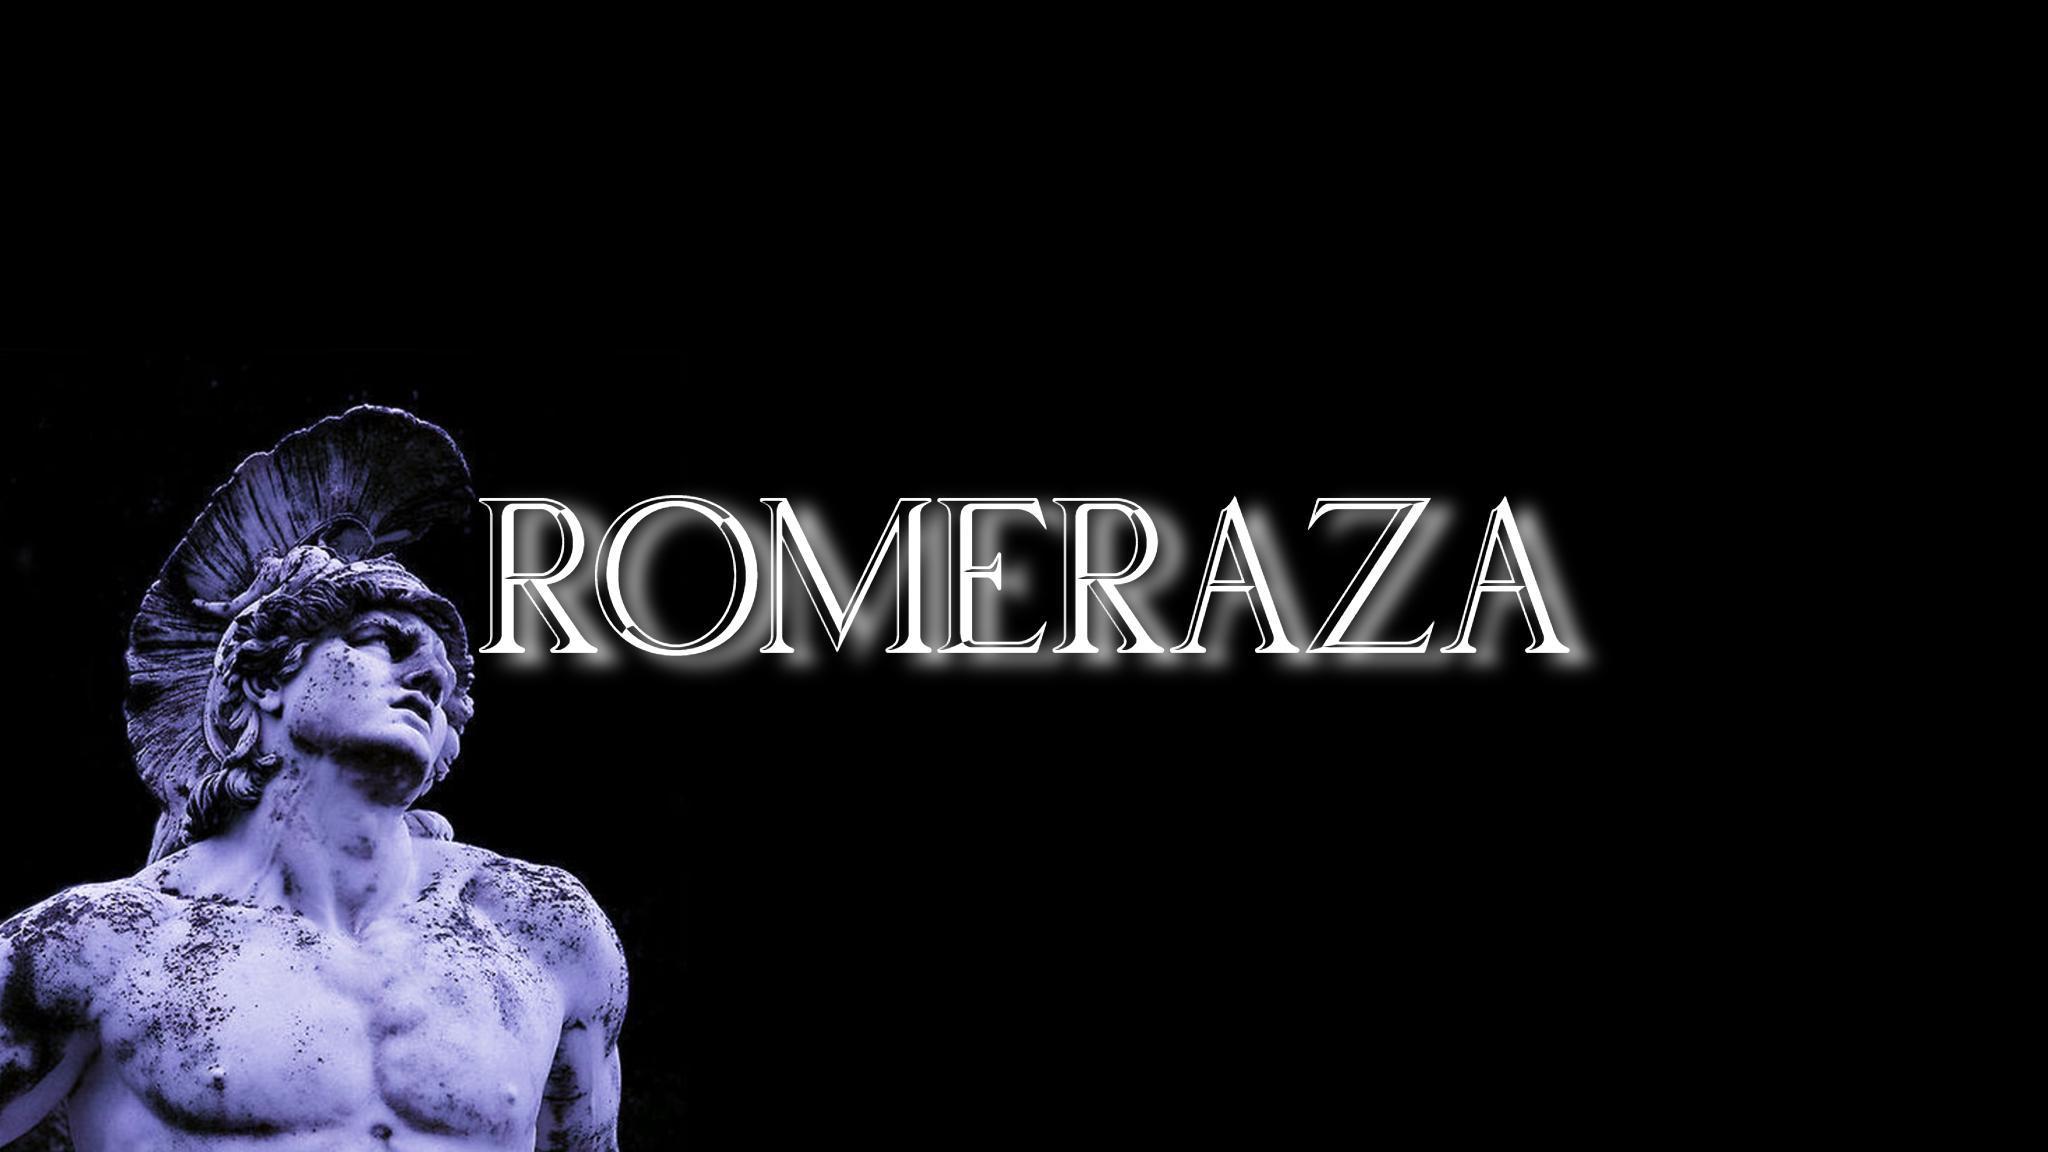 ROMERAZA